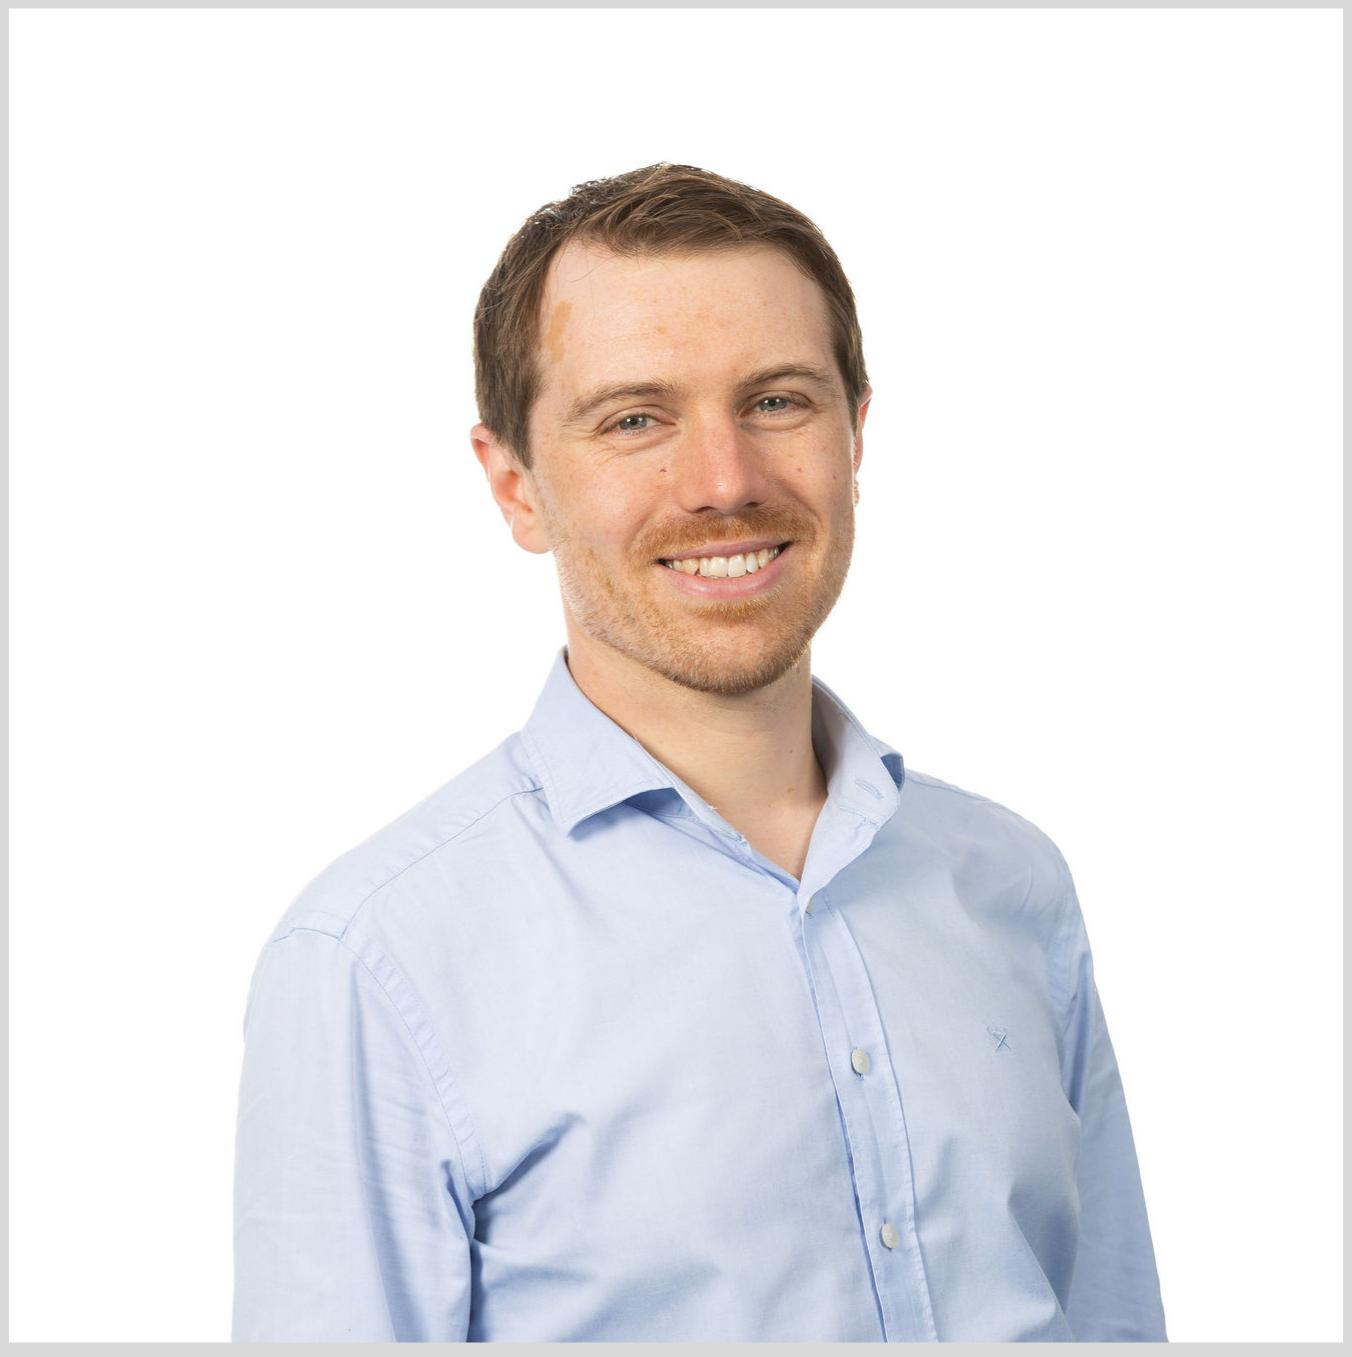 Joe Hacker - NanoSUN Engineer